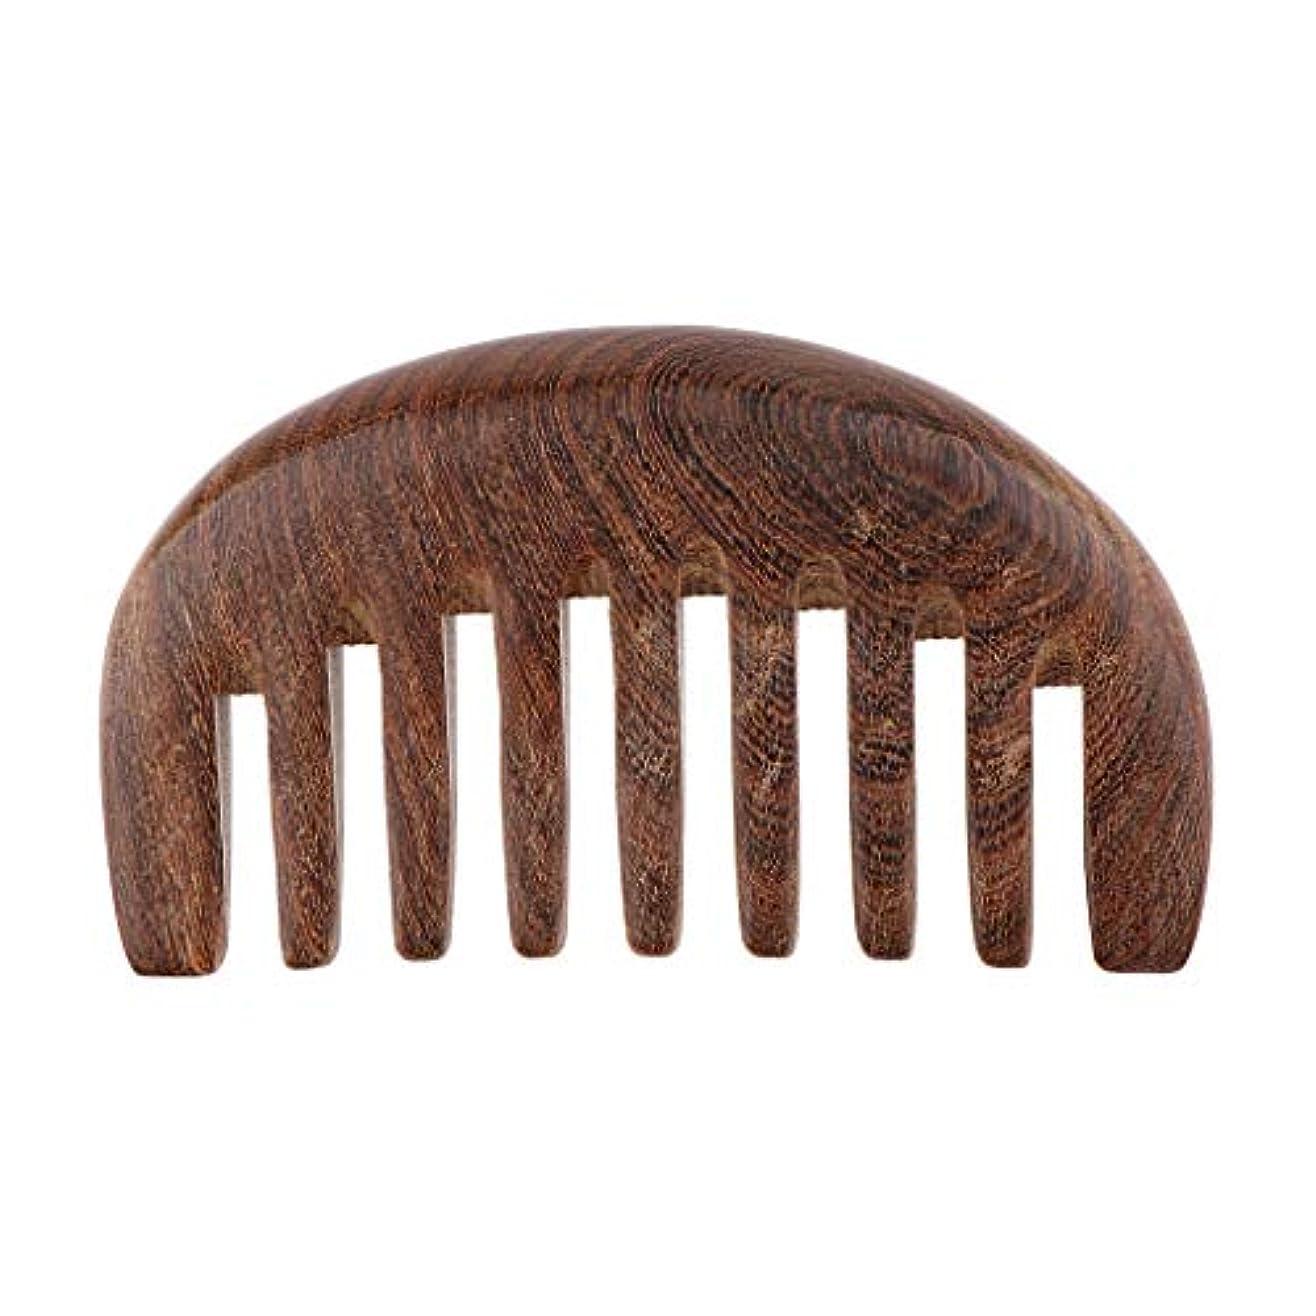 ふさわしい未使用誤解を招くくし コーム 荒め 櫛 木製 美髪ケア サンダルウッド製 帯電防止 毛縮れ避け 3色選べ - クロロフォラ